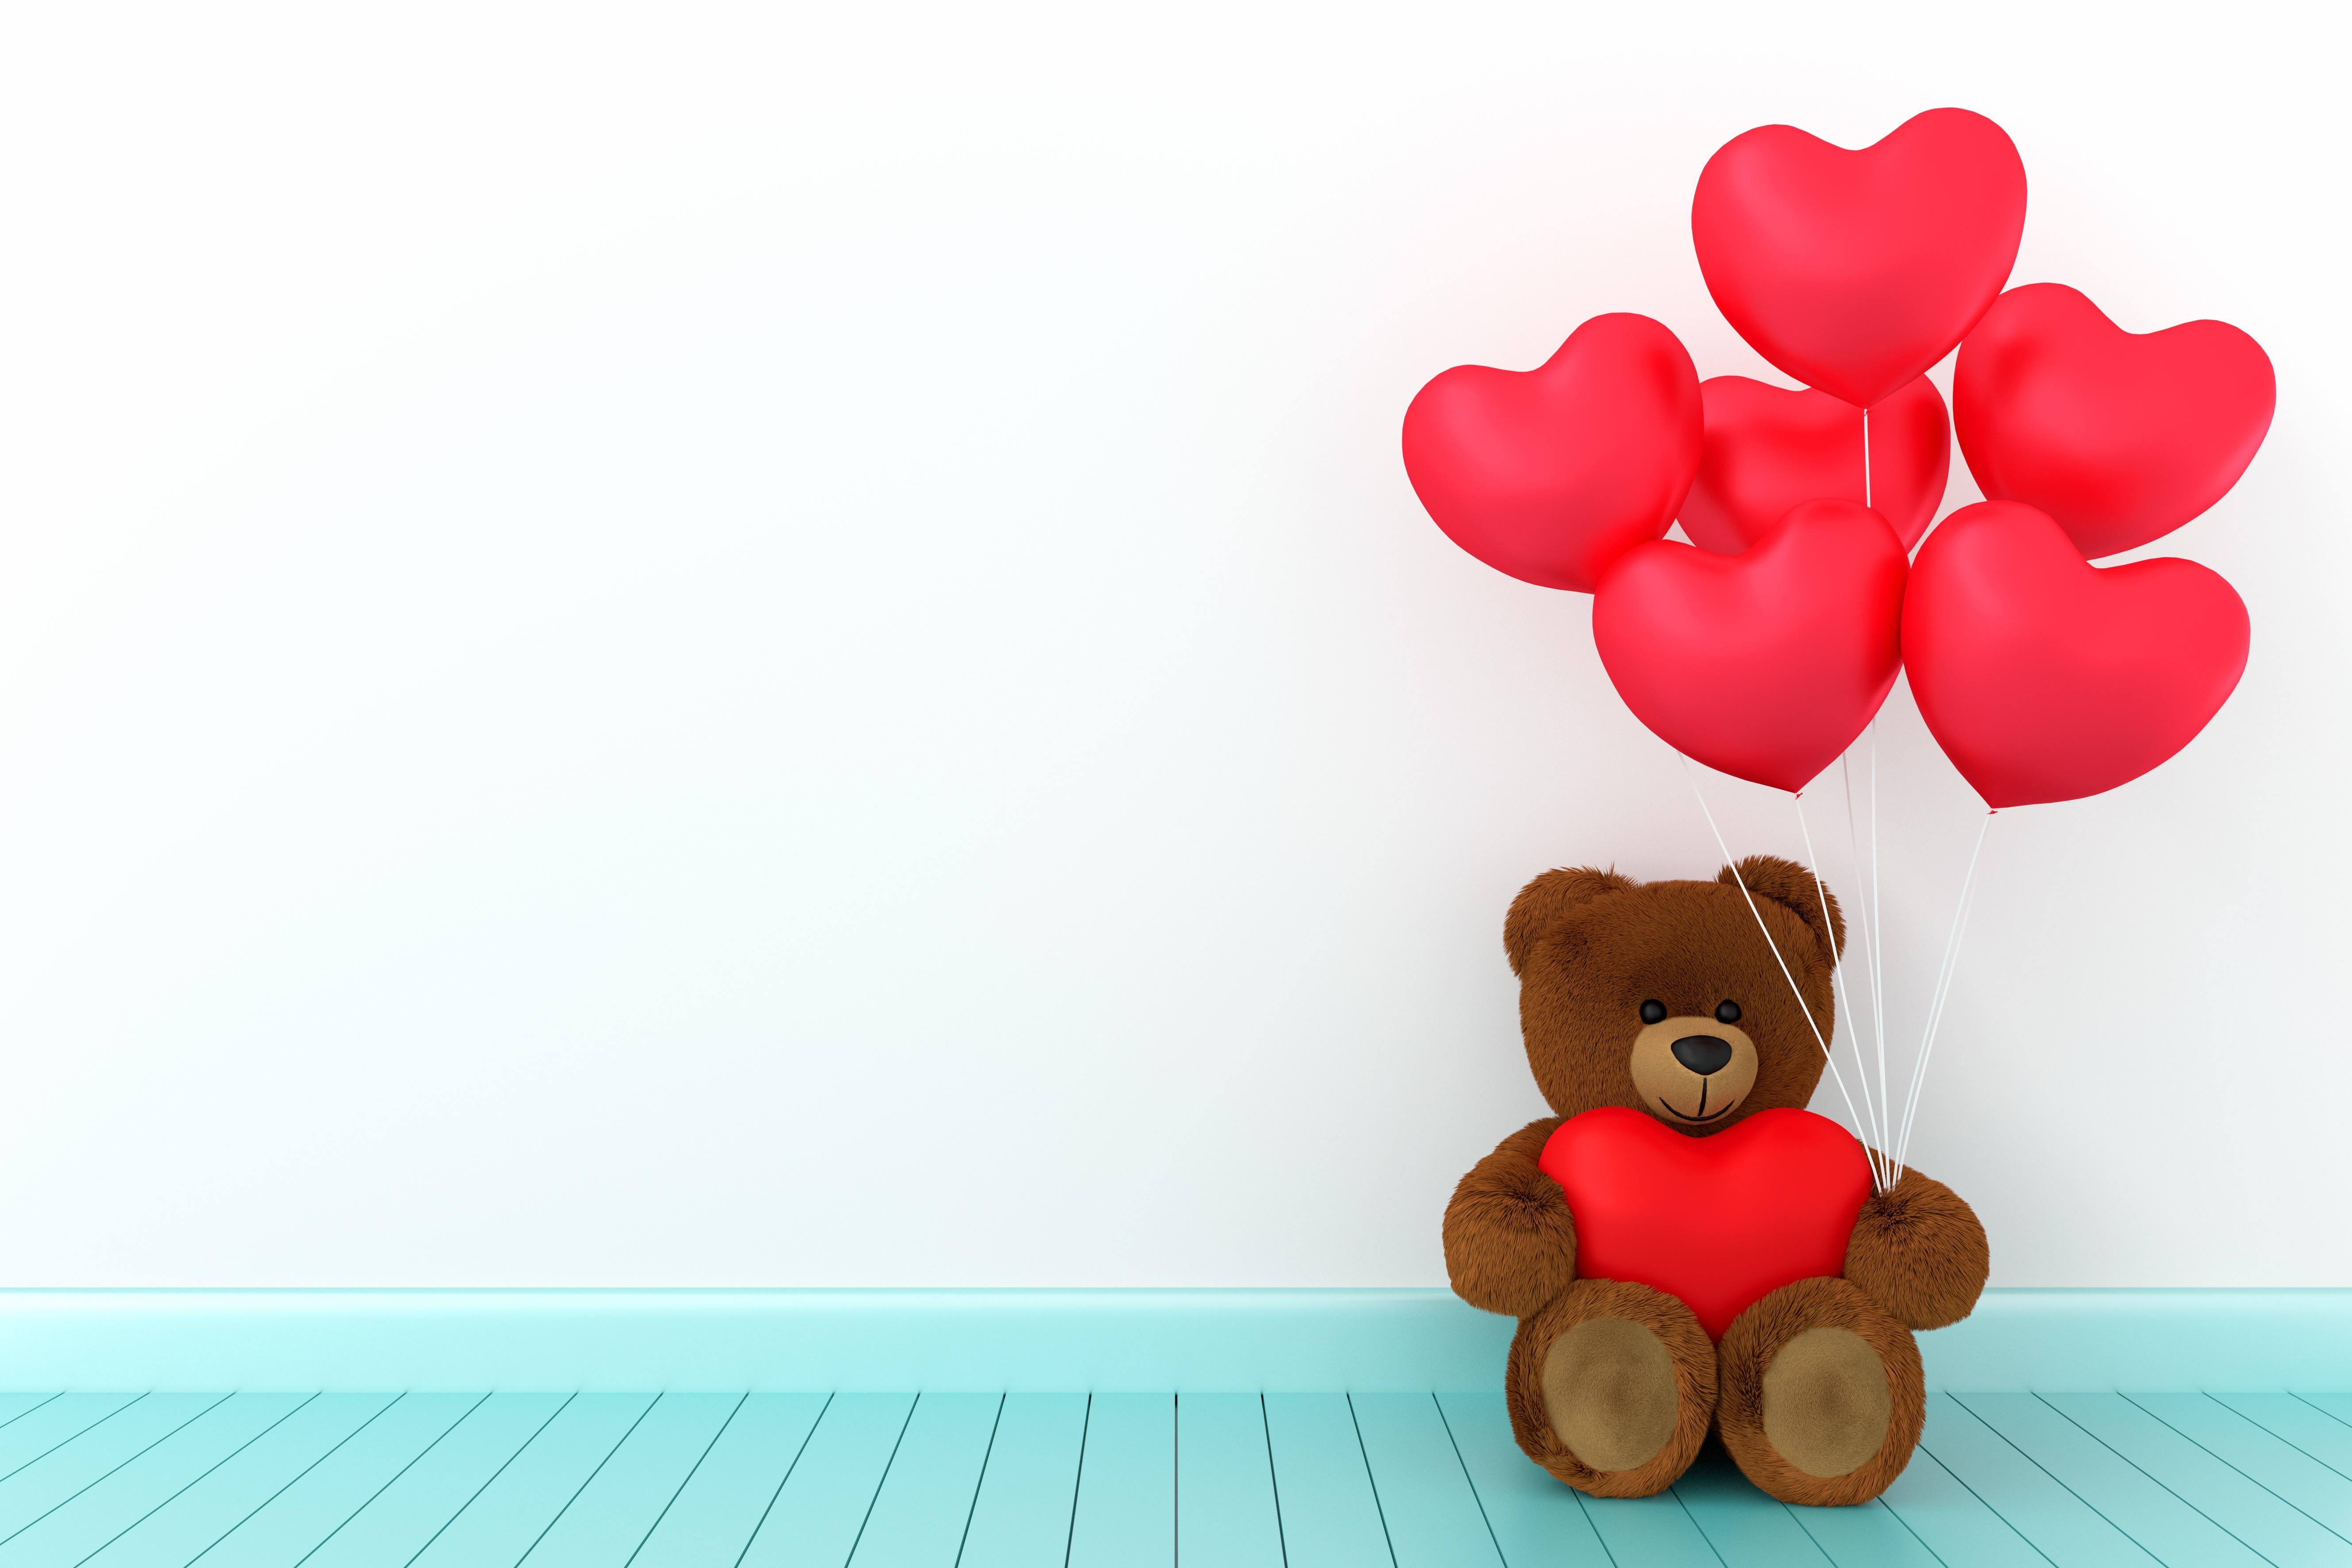 Фото День всех влюблённых сердца Воздушный шарик 3D Графика Мишки 5315x3543 День святого Валентина серце Сердце сердечко воздушные шарики воздушным шариком воздушных шариков 3д Плюшевый мишка